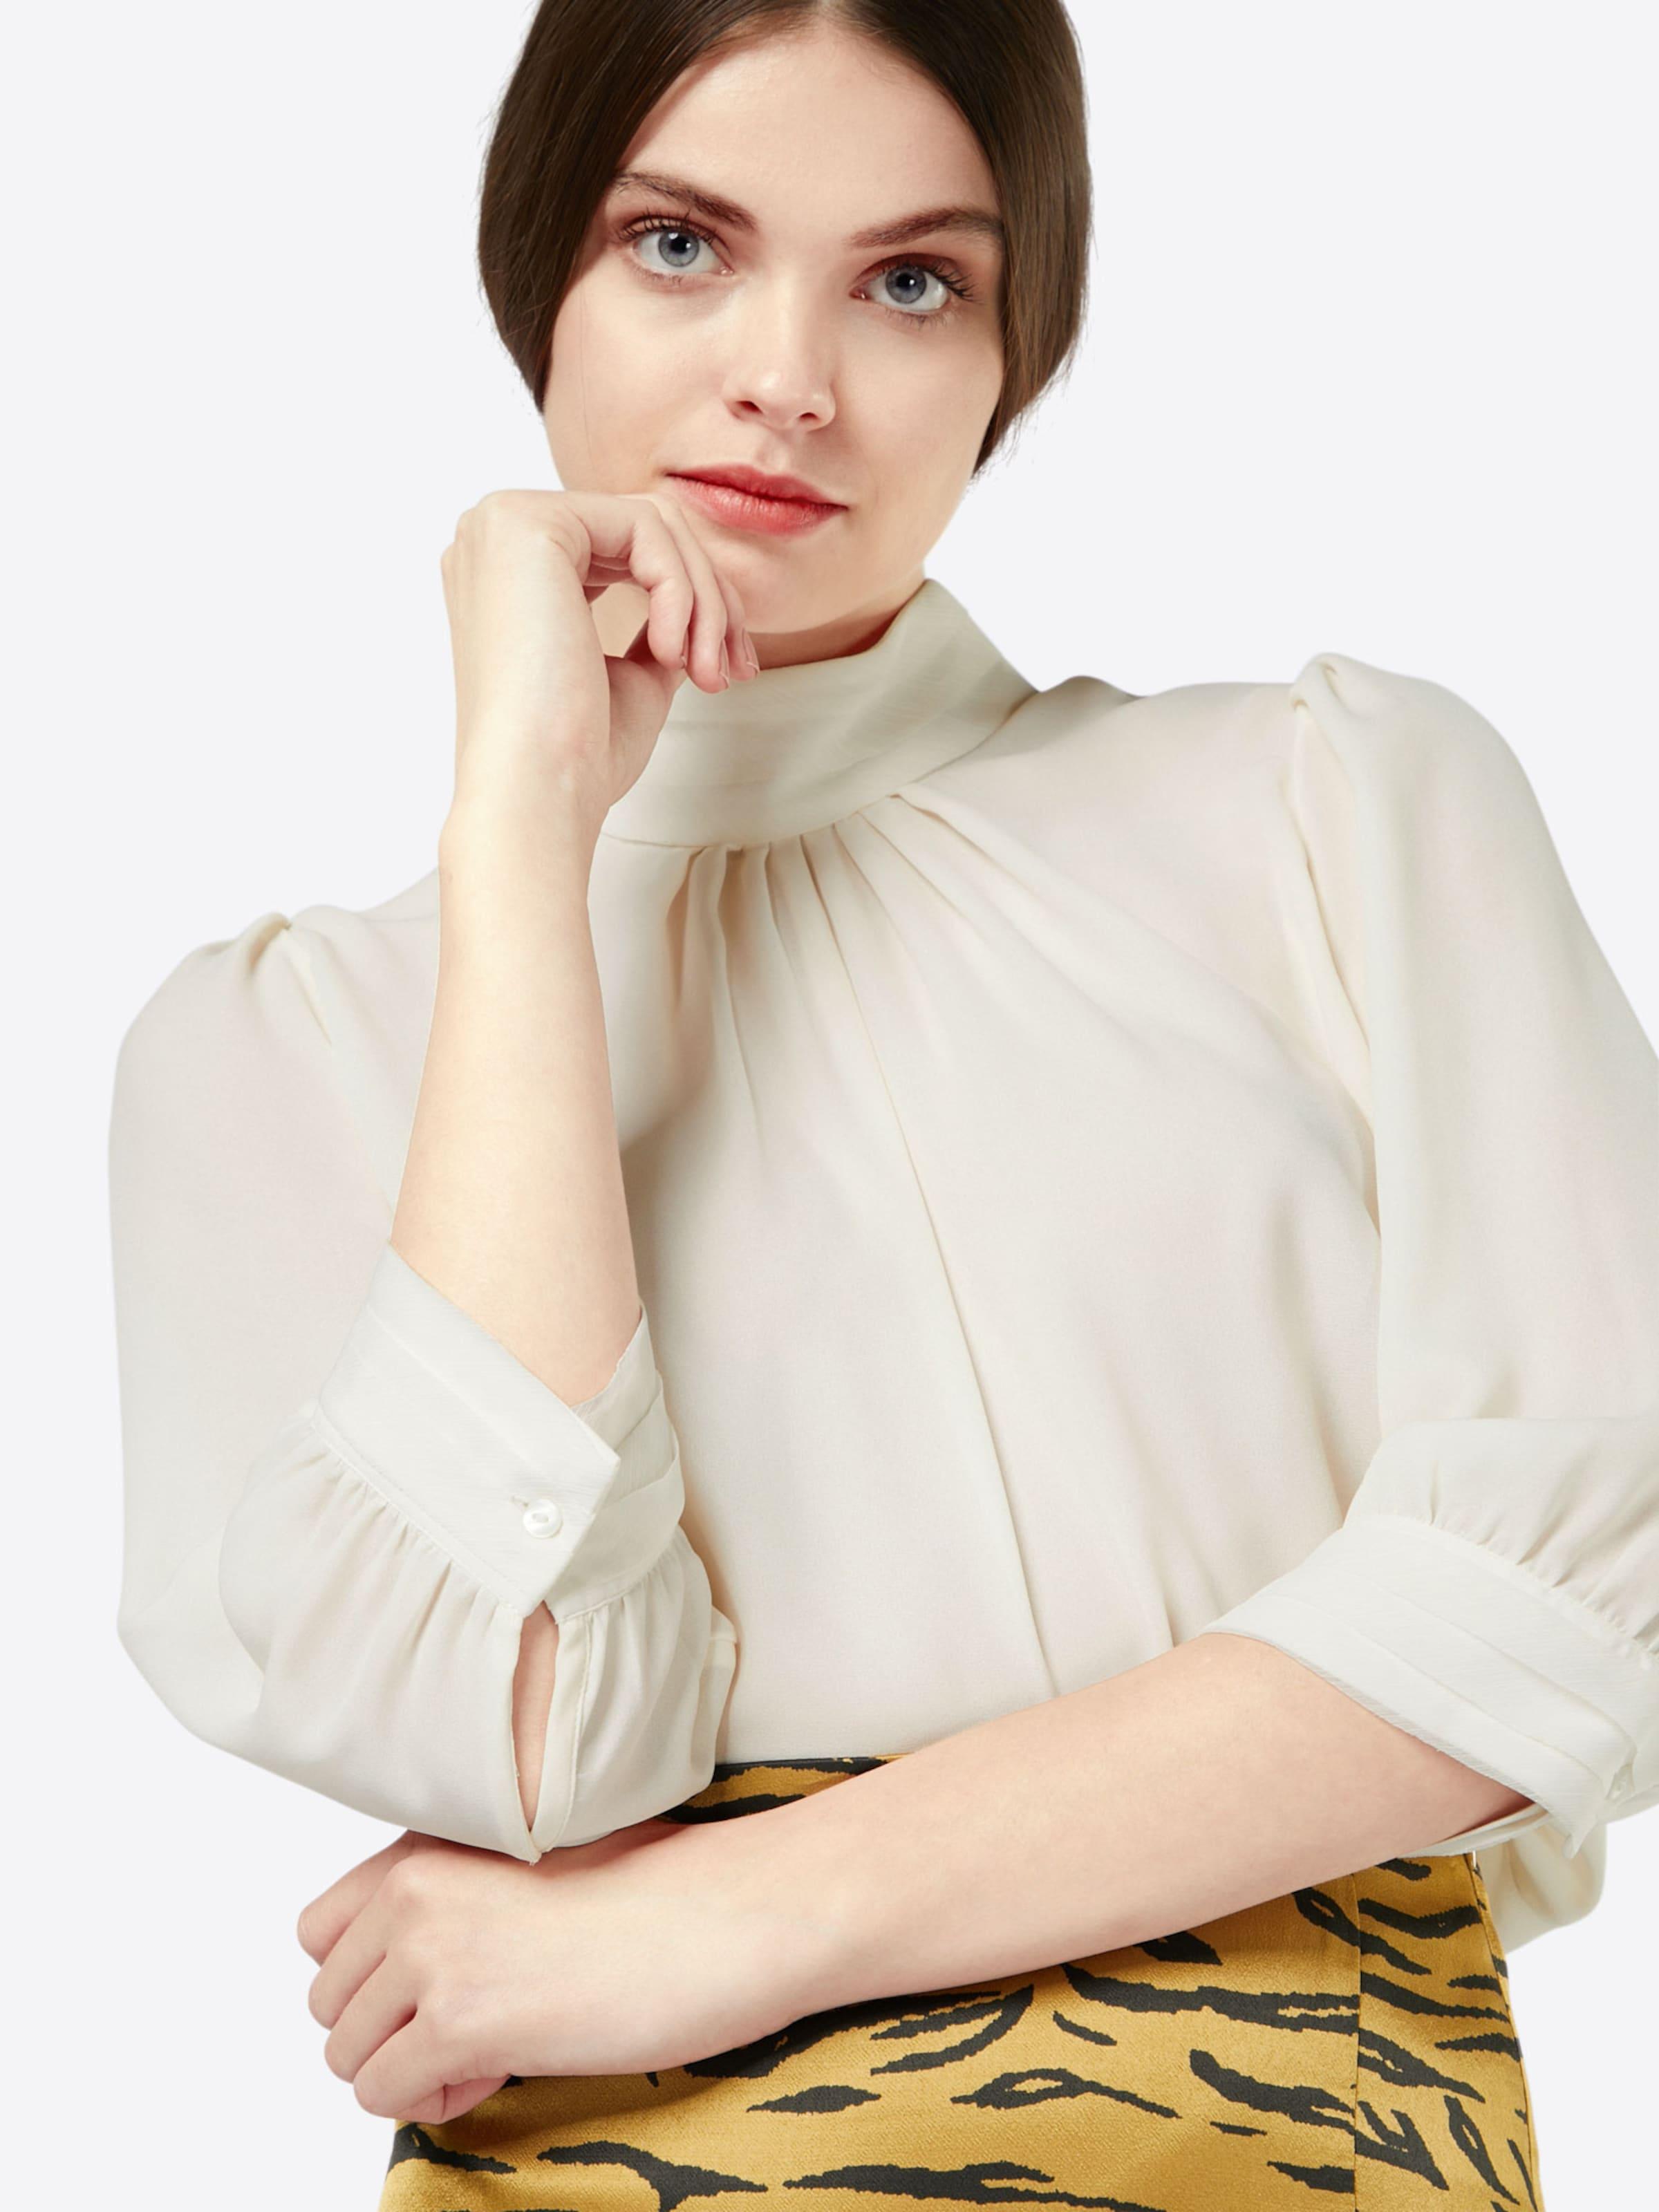 VERO MODA Bluse Rabatt Mode-Stil Die Offizielle Website Zum Verkauf Freies Verschiffen Begrenzte Ausgabe Rabatt Billig Tvxaoo